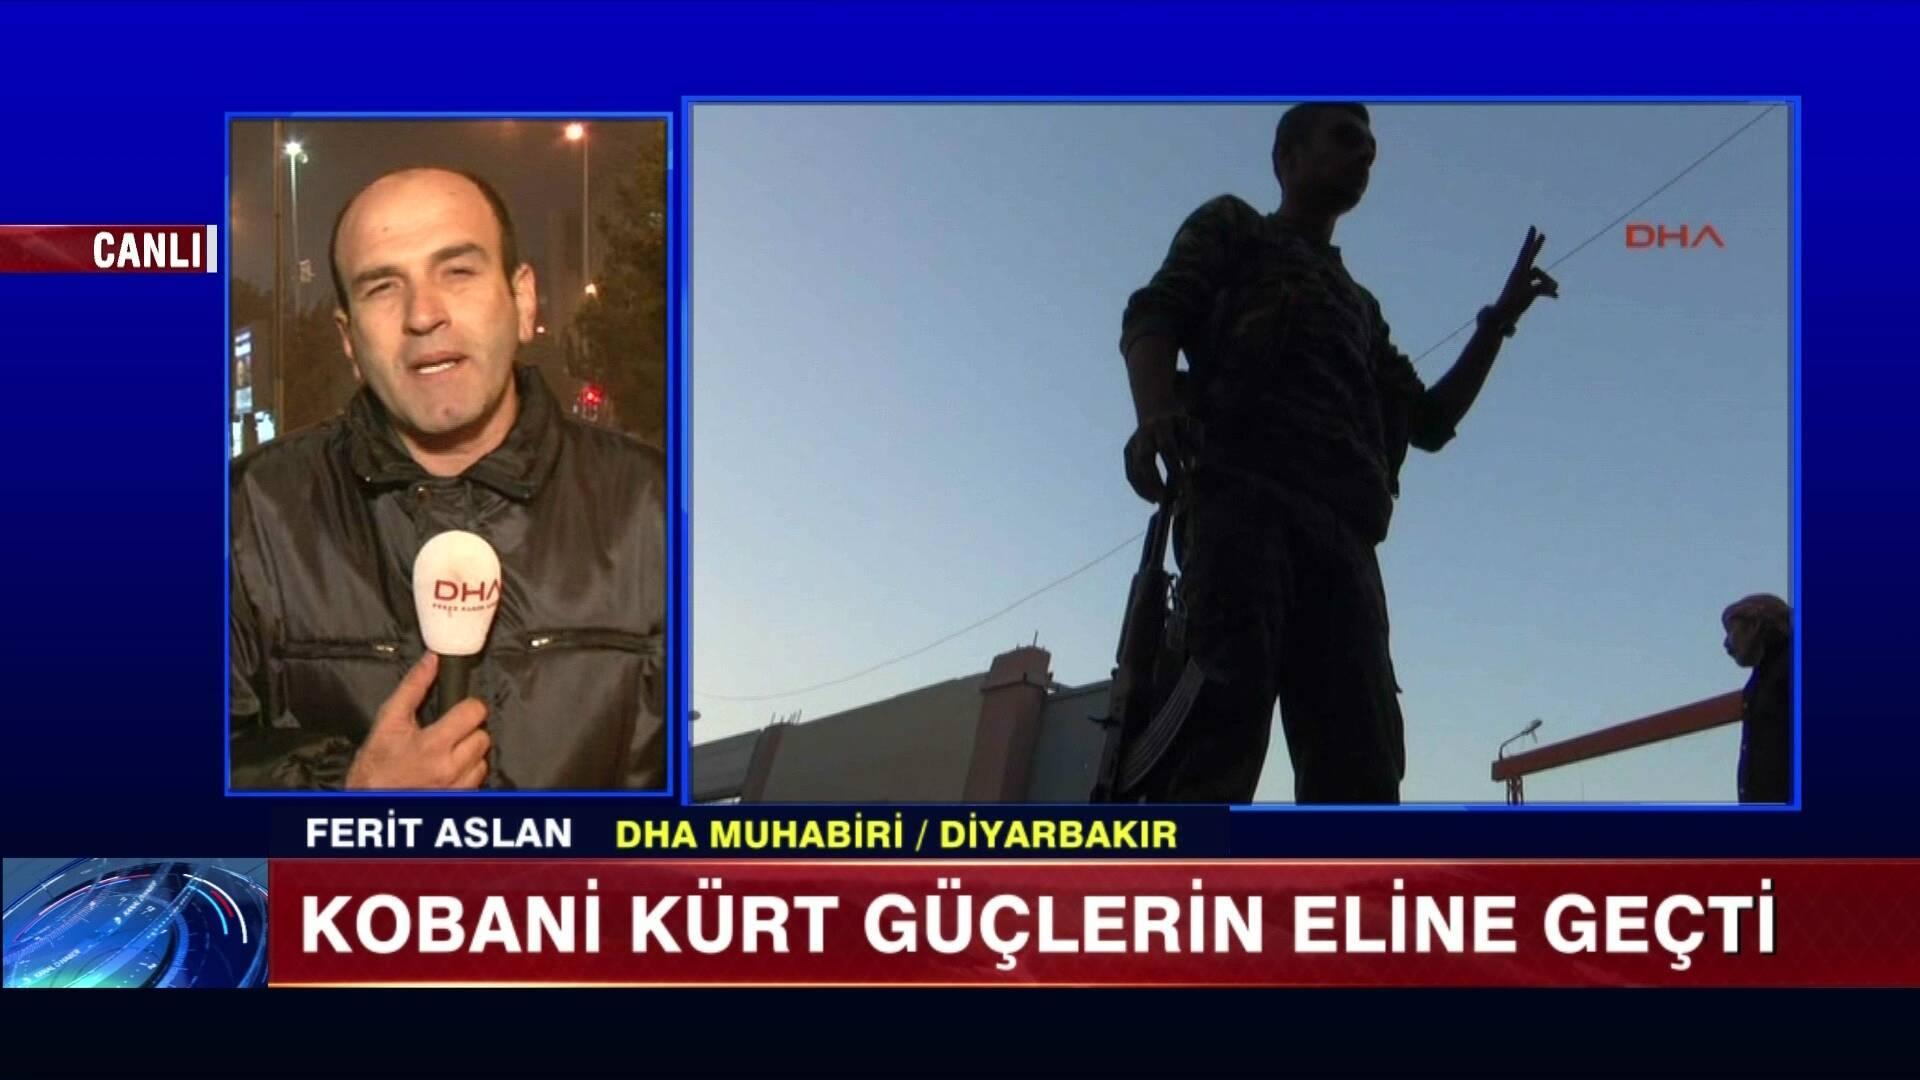 Kobani IŞİD'den temizlendi!